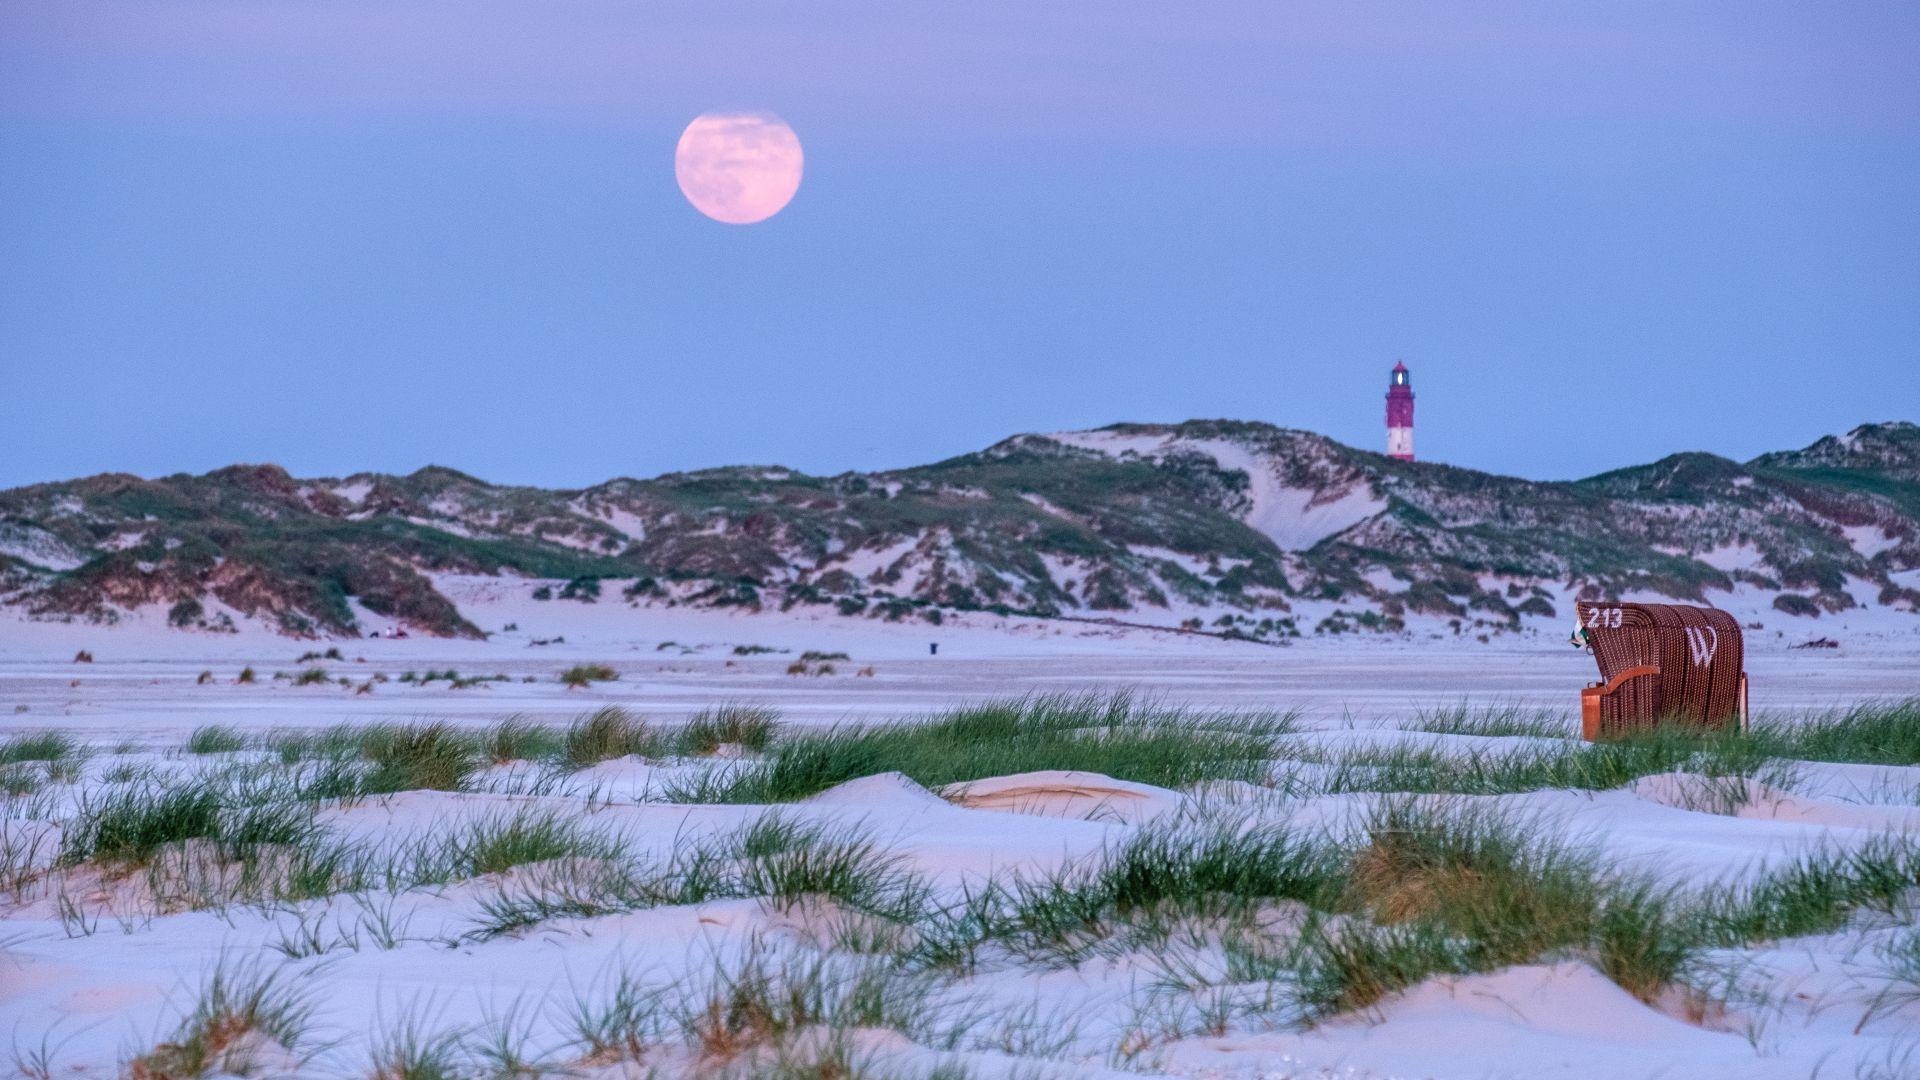 Amrum: full moon over the beach, light house, beach chair